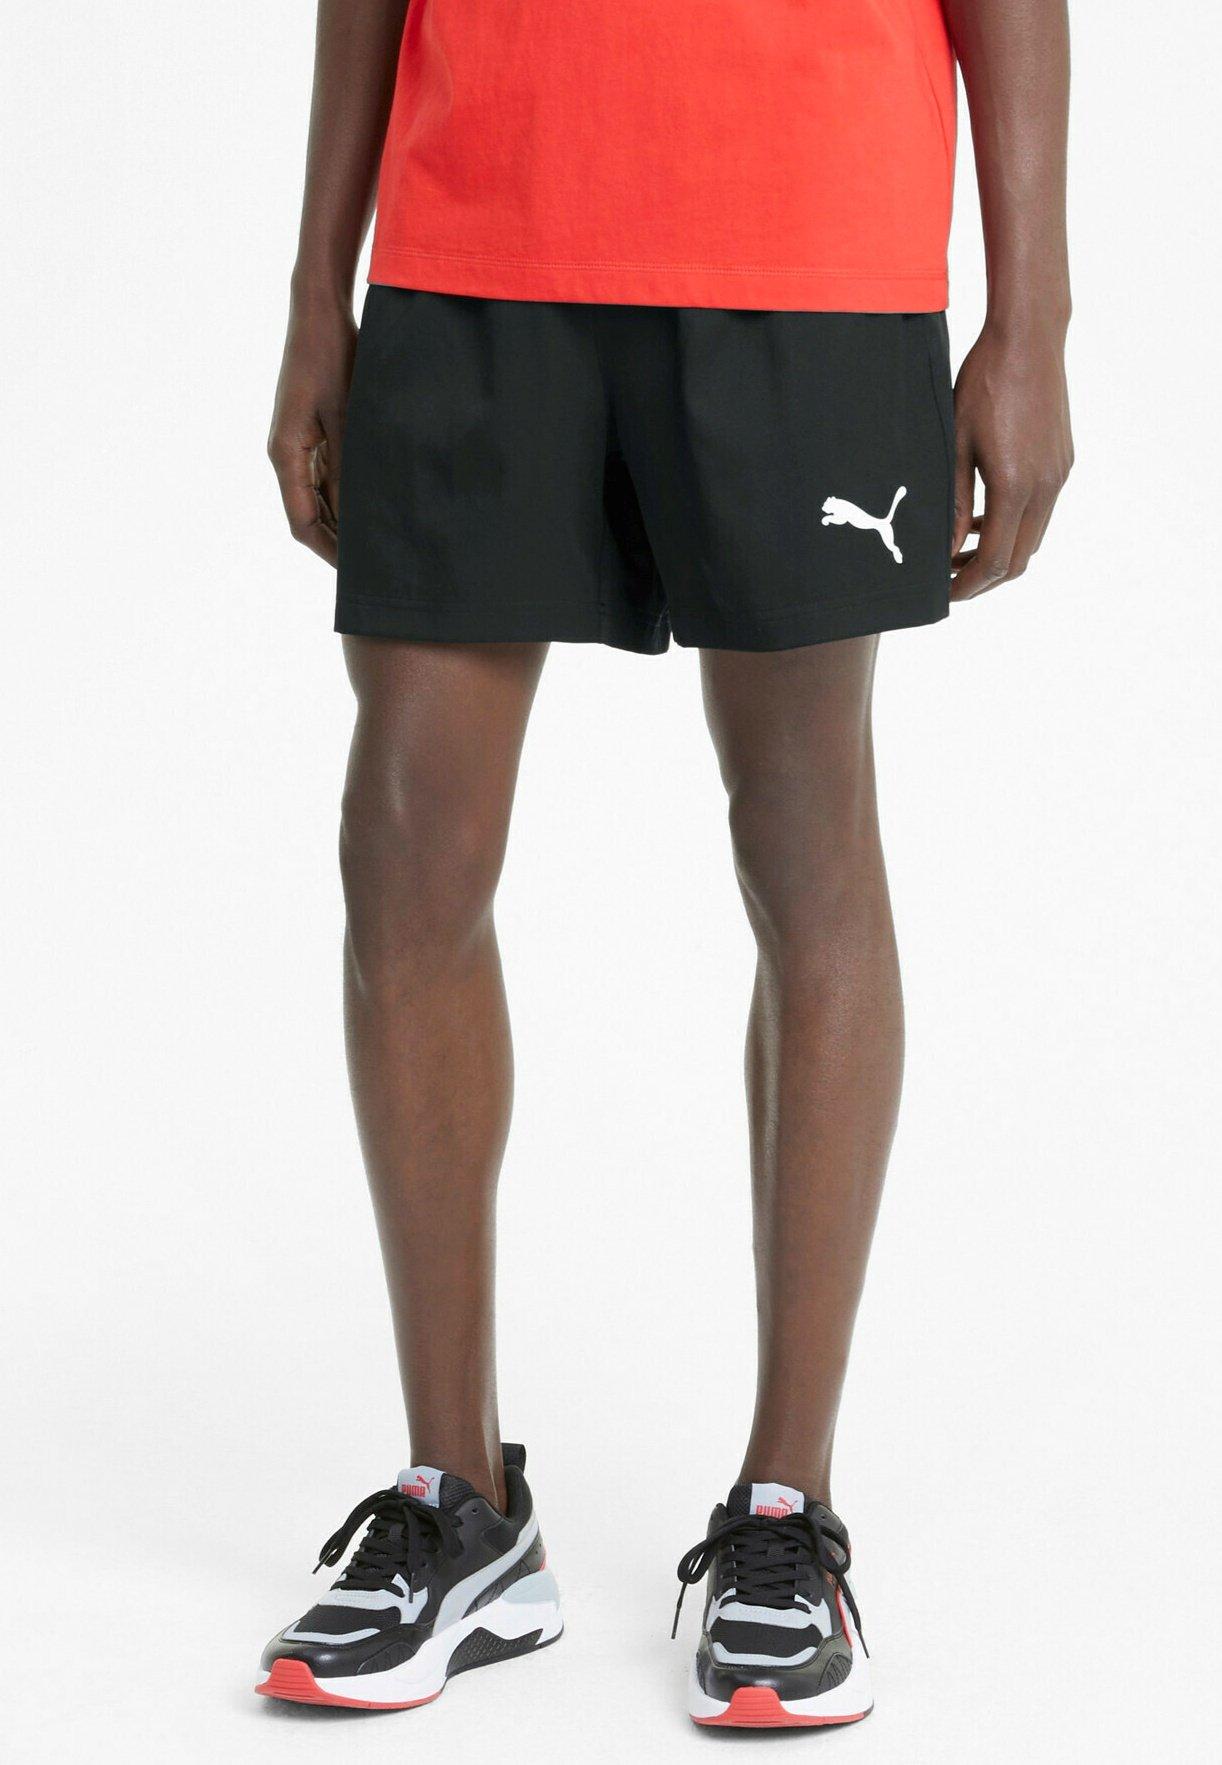 Herren ACTIVE - kurze Sporthose